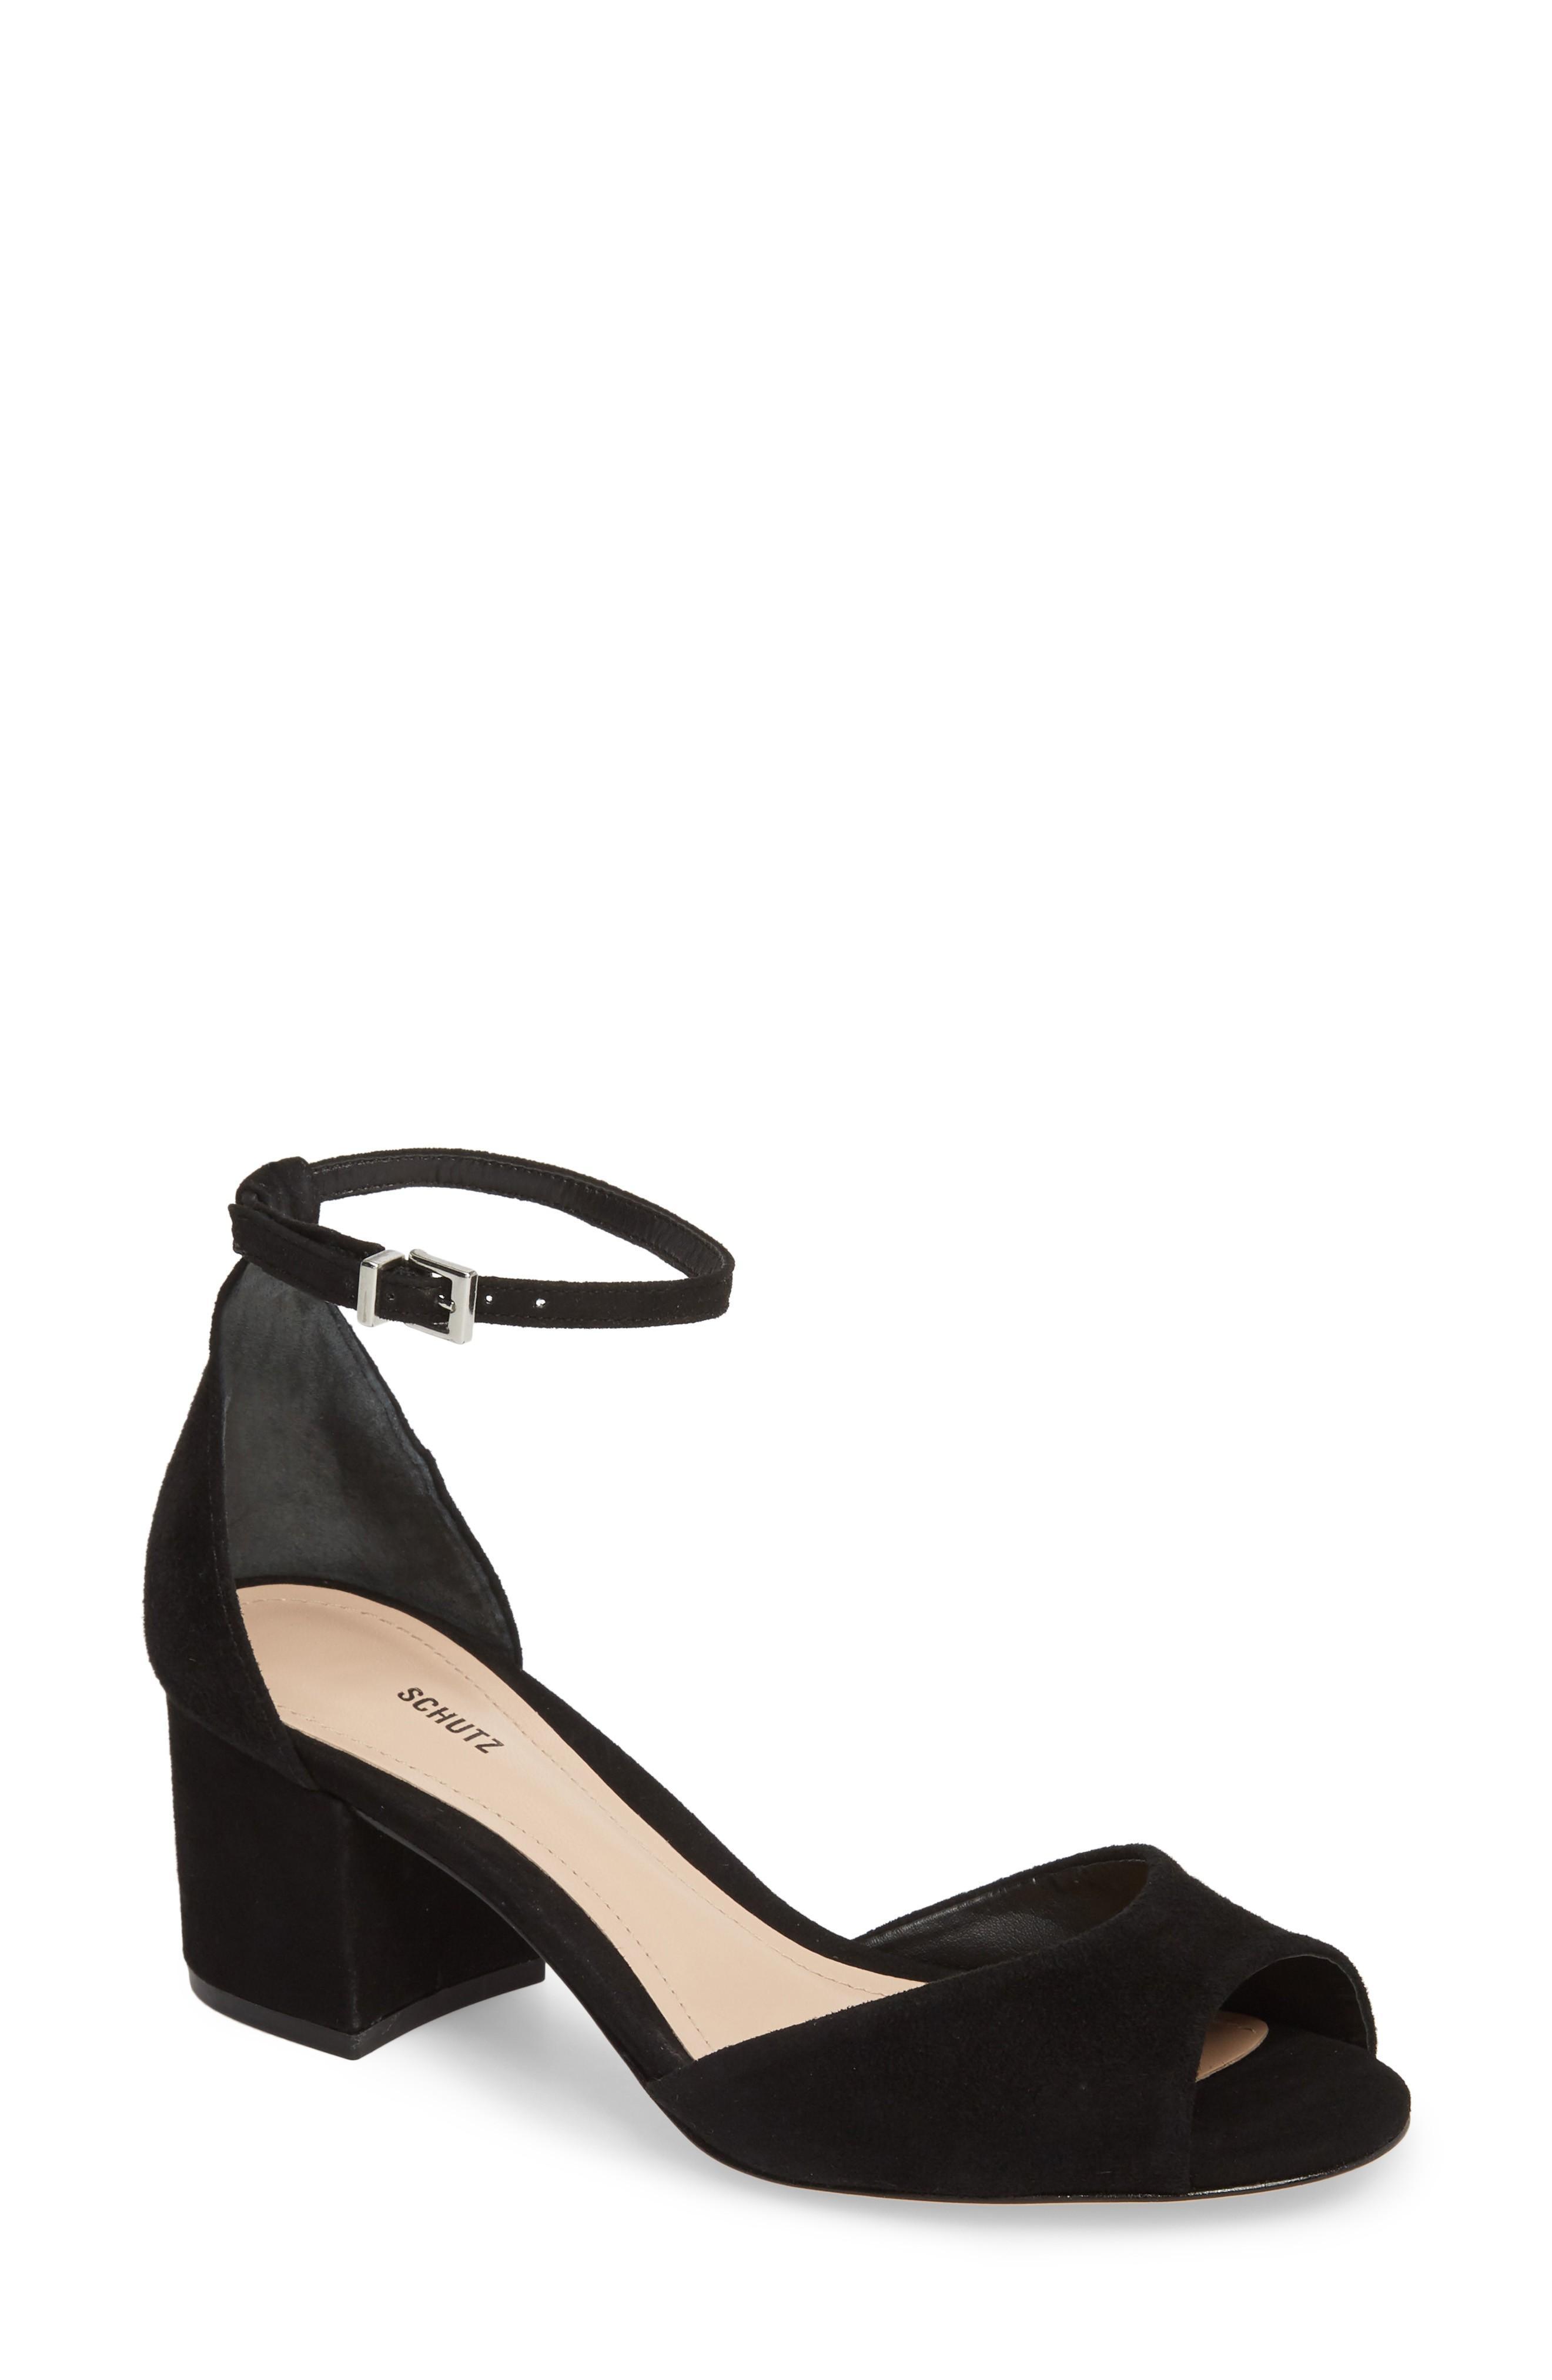 Schutz Roama Suede Ankle-Strap Sandals In Black